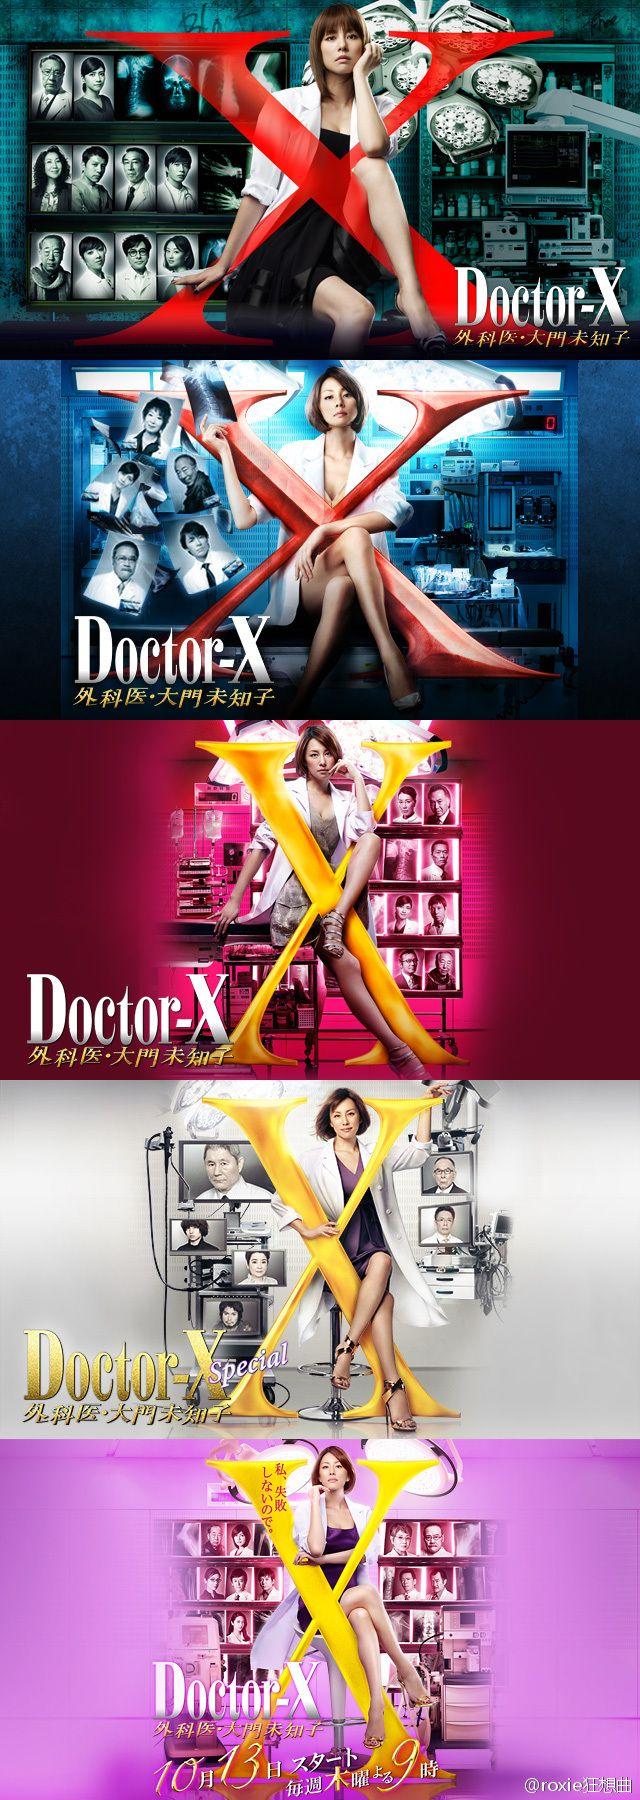 Doctor-x Epi 1-4 [Ref: roxie狂想曲 @微博]